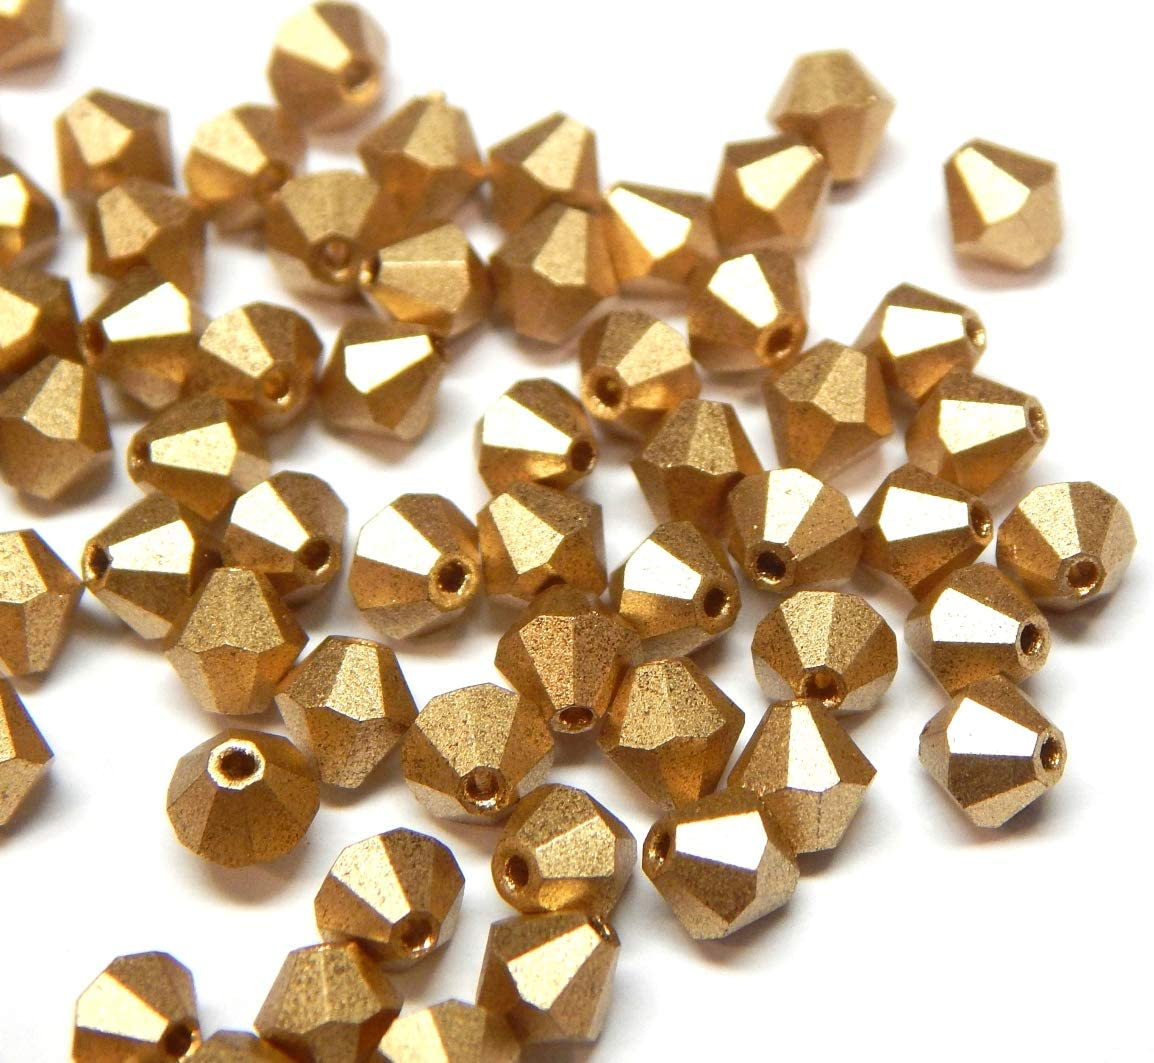 Juego de 40 perlas de cristal bohemias, 4 mm, doble cono, perlas checas, perlas de cristal, cuentas de cristal, bicone, selección de colores, cristal, dorado metálico, 4x4 mm